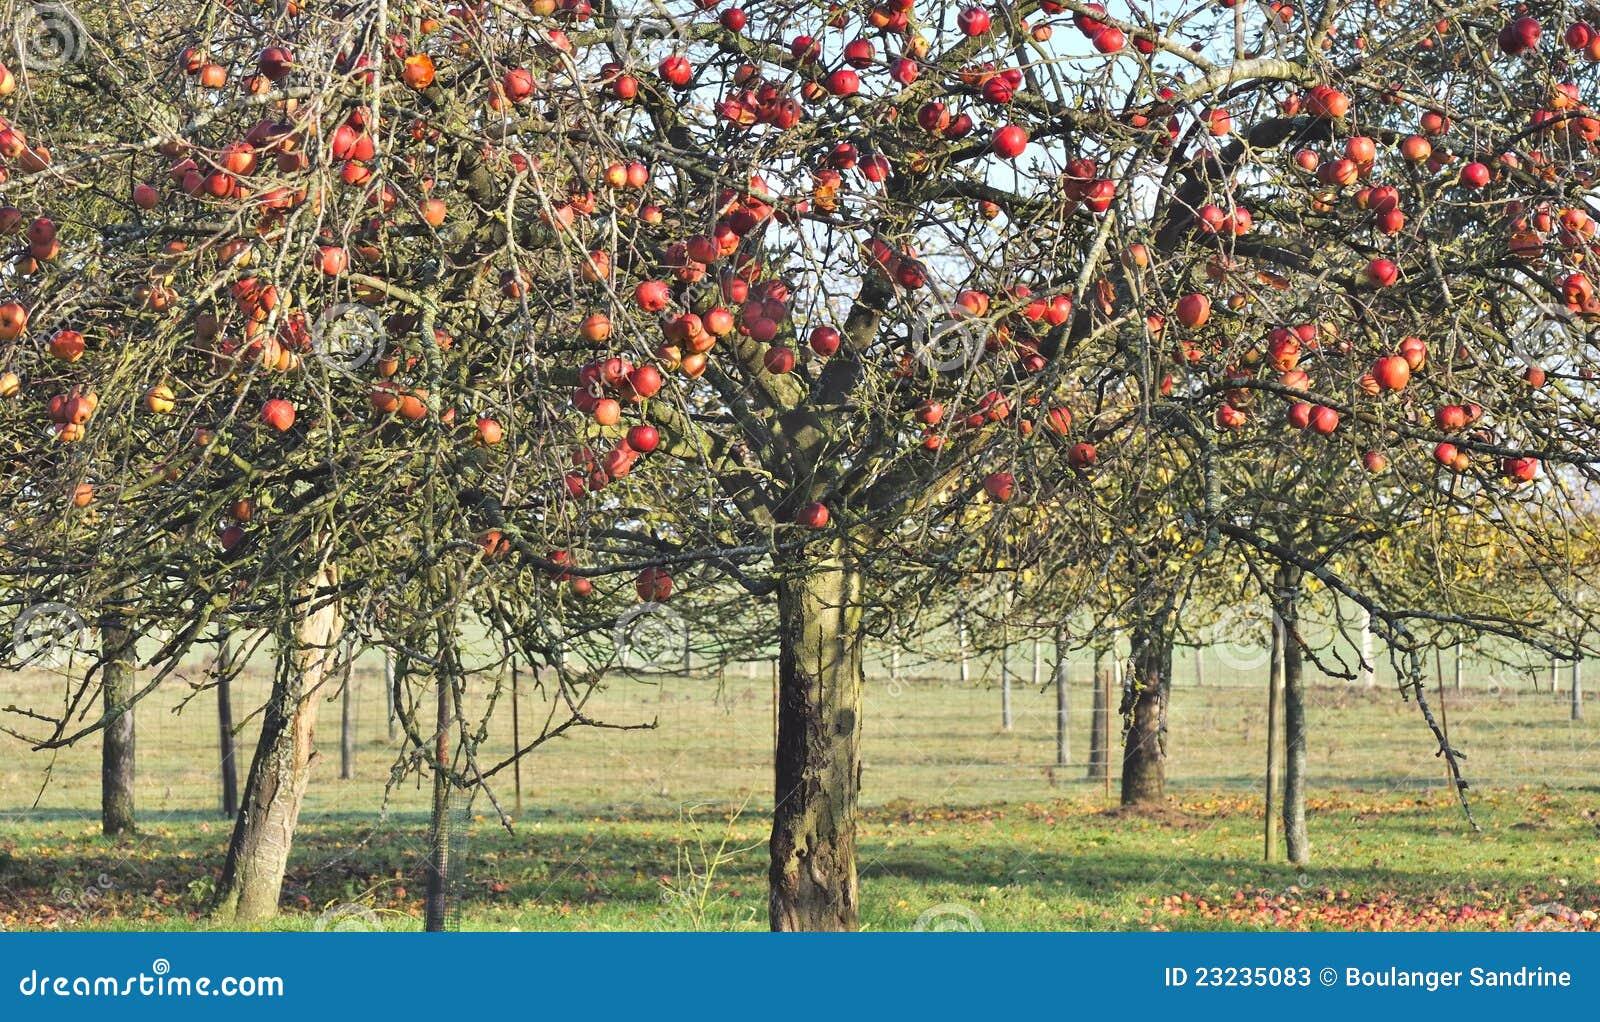 apple tree in autumn stock photos image 23235083